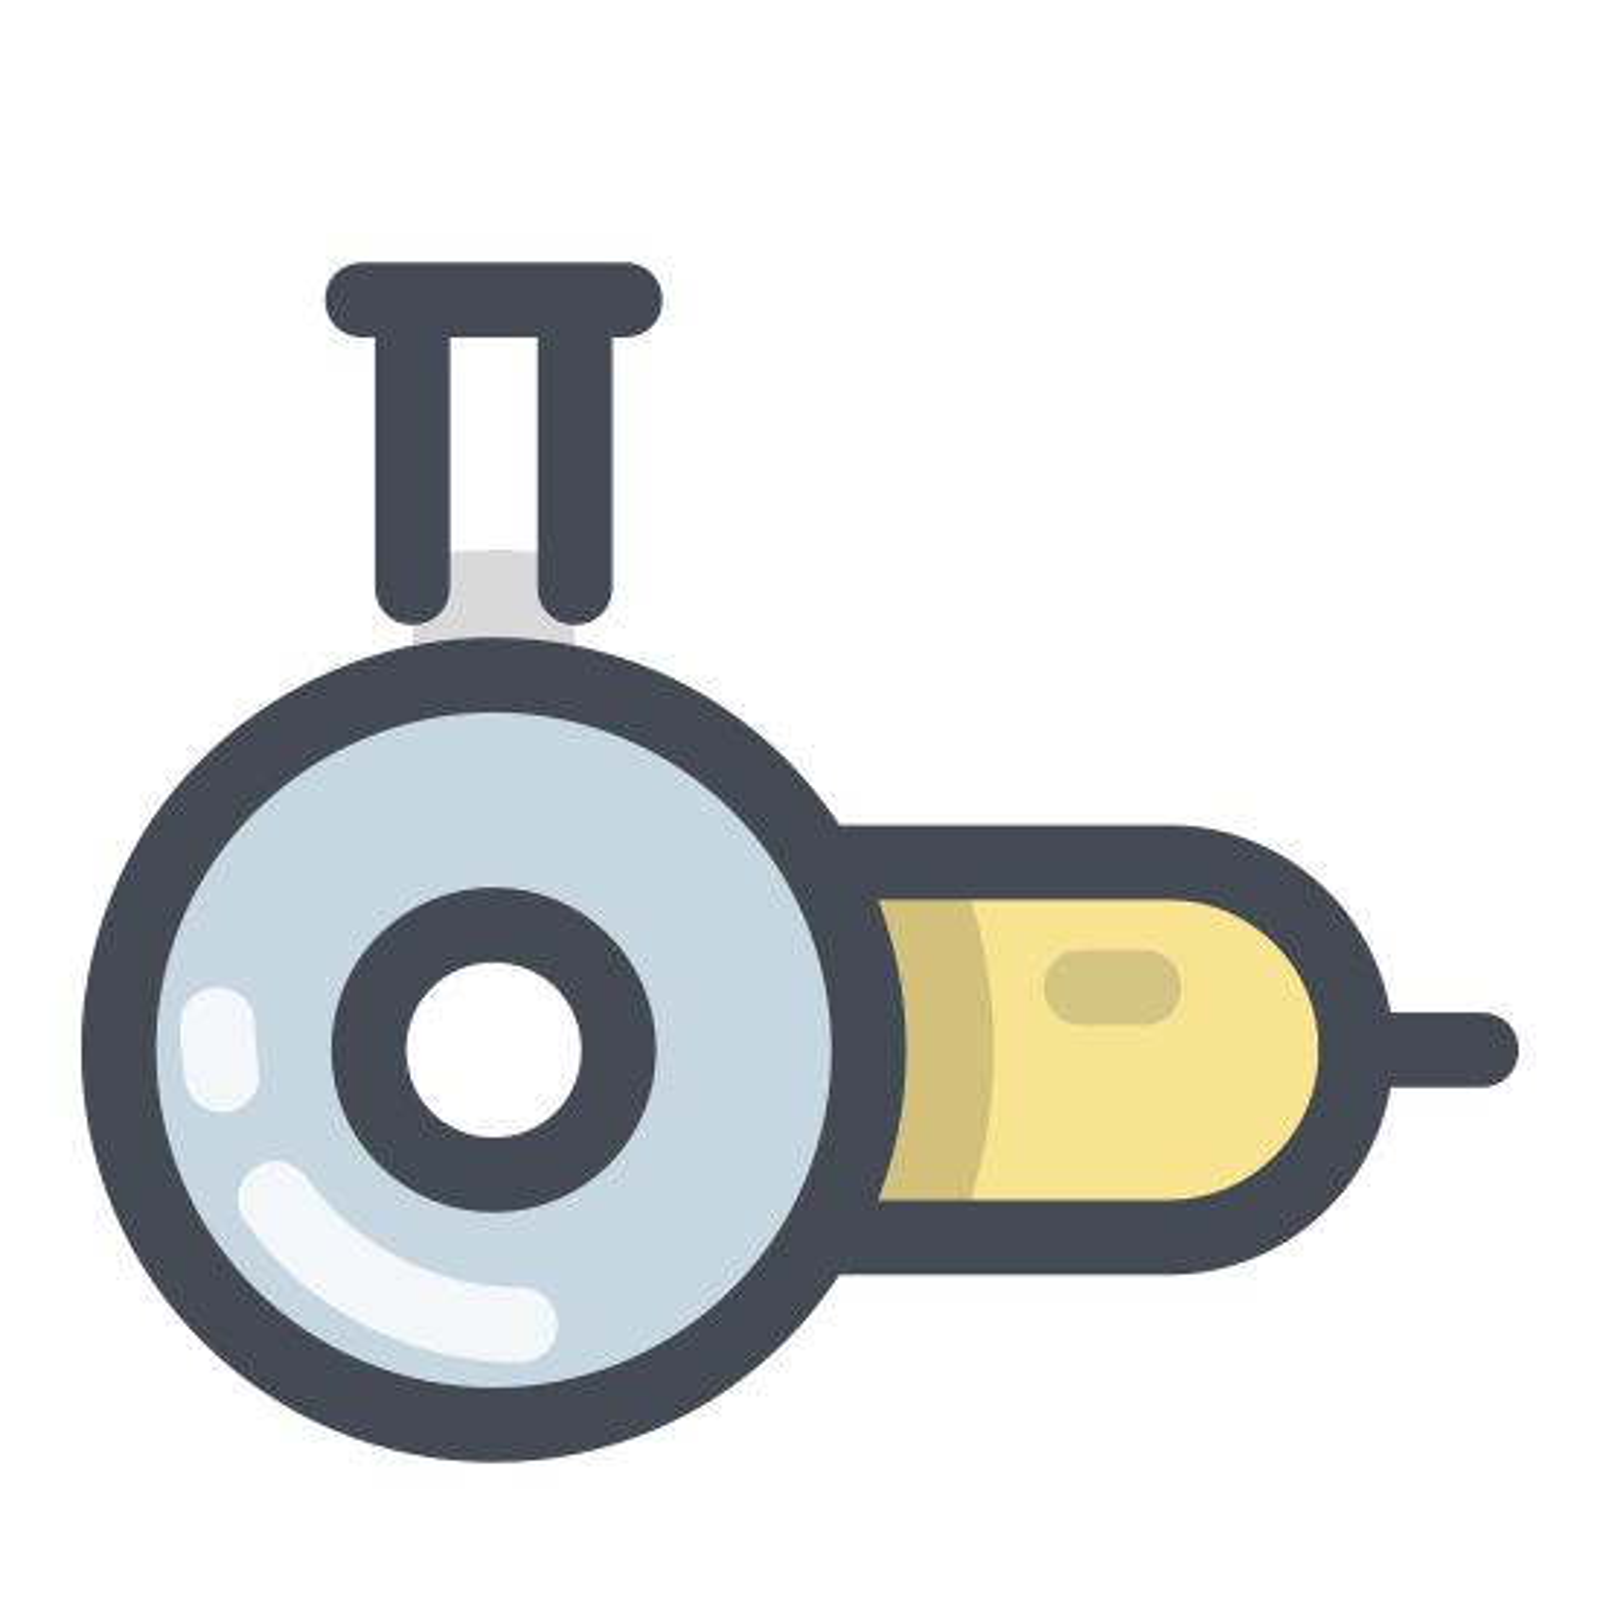 szlifierka icon